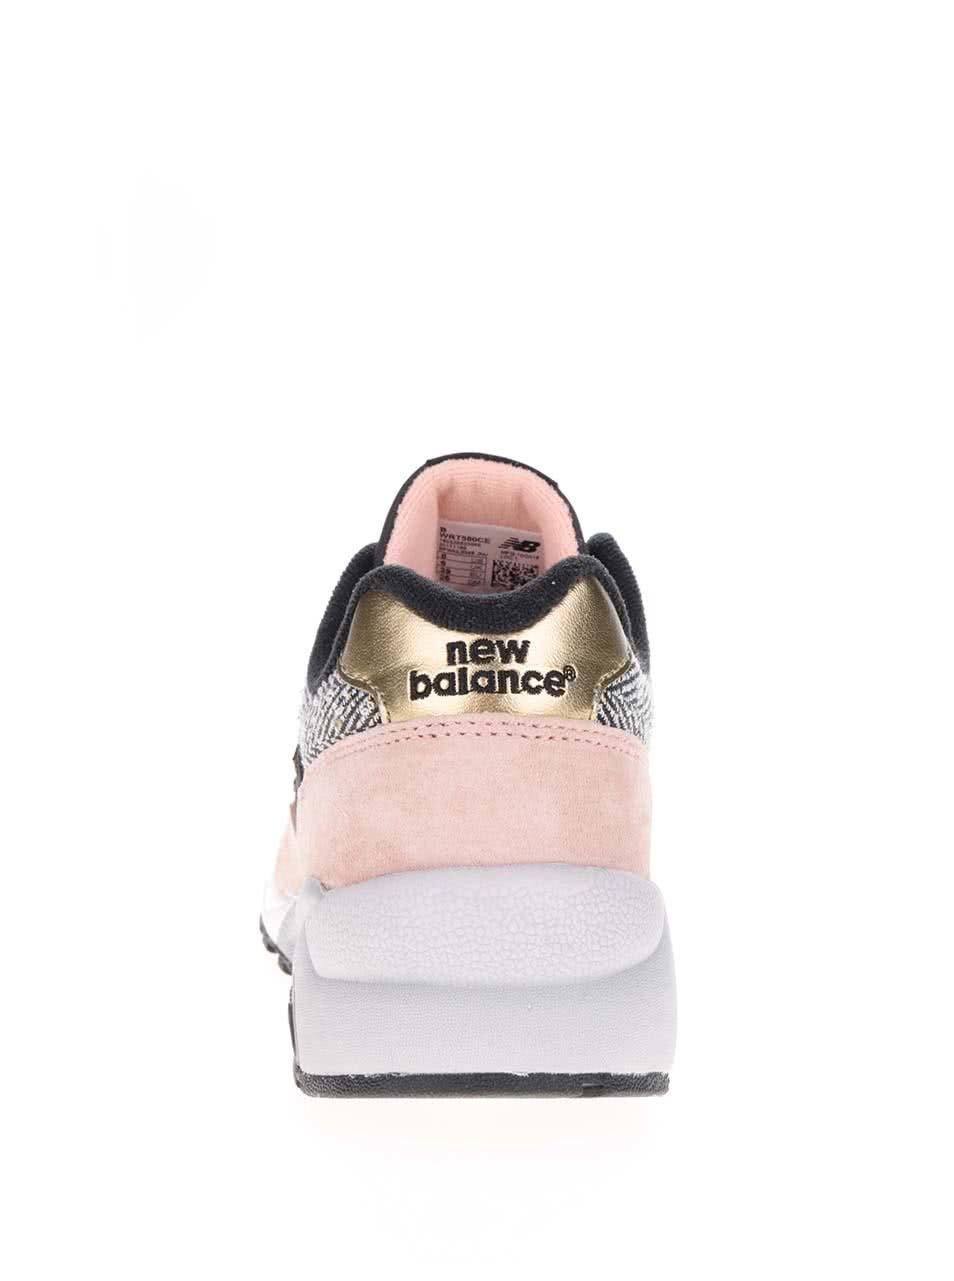 93b2b3bb36 Ružovo-čierne dámske kožené tenisky New Balance ...